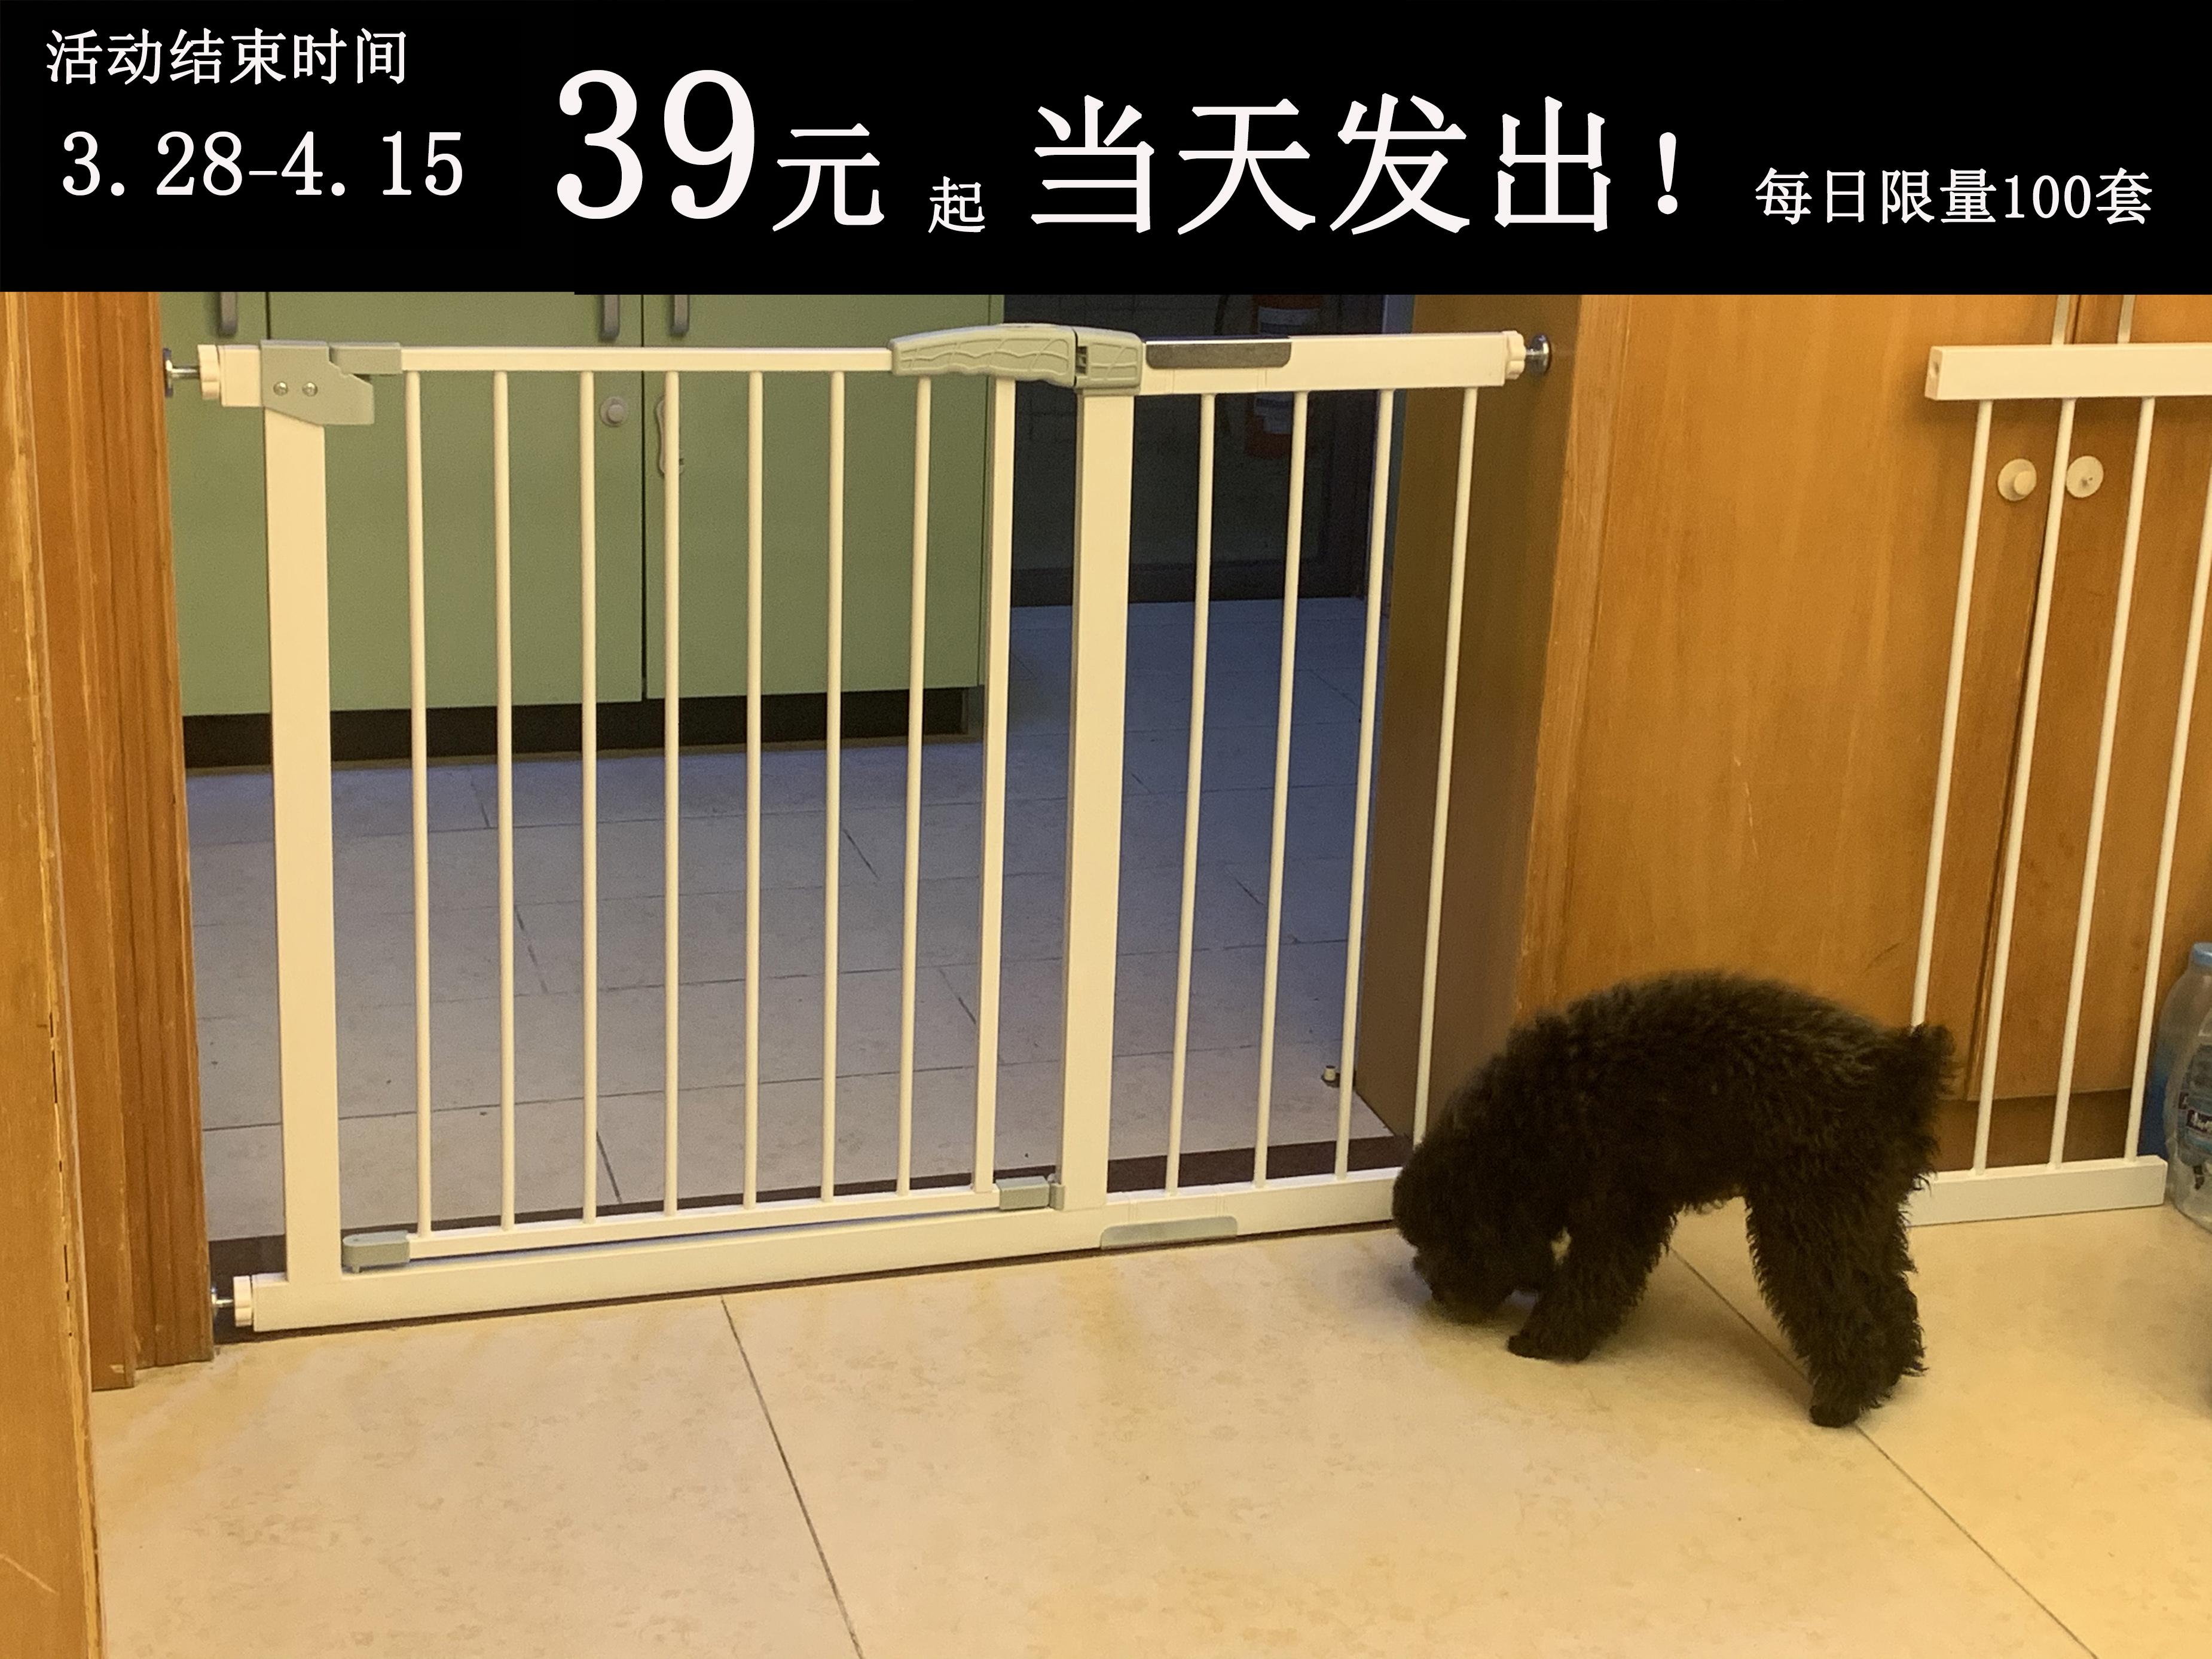 宠物门栏狗狗围栏室内隔离栏杆安全楼梯防护栏大型儿童门栏狗栅栏